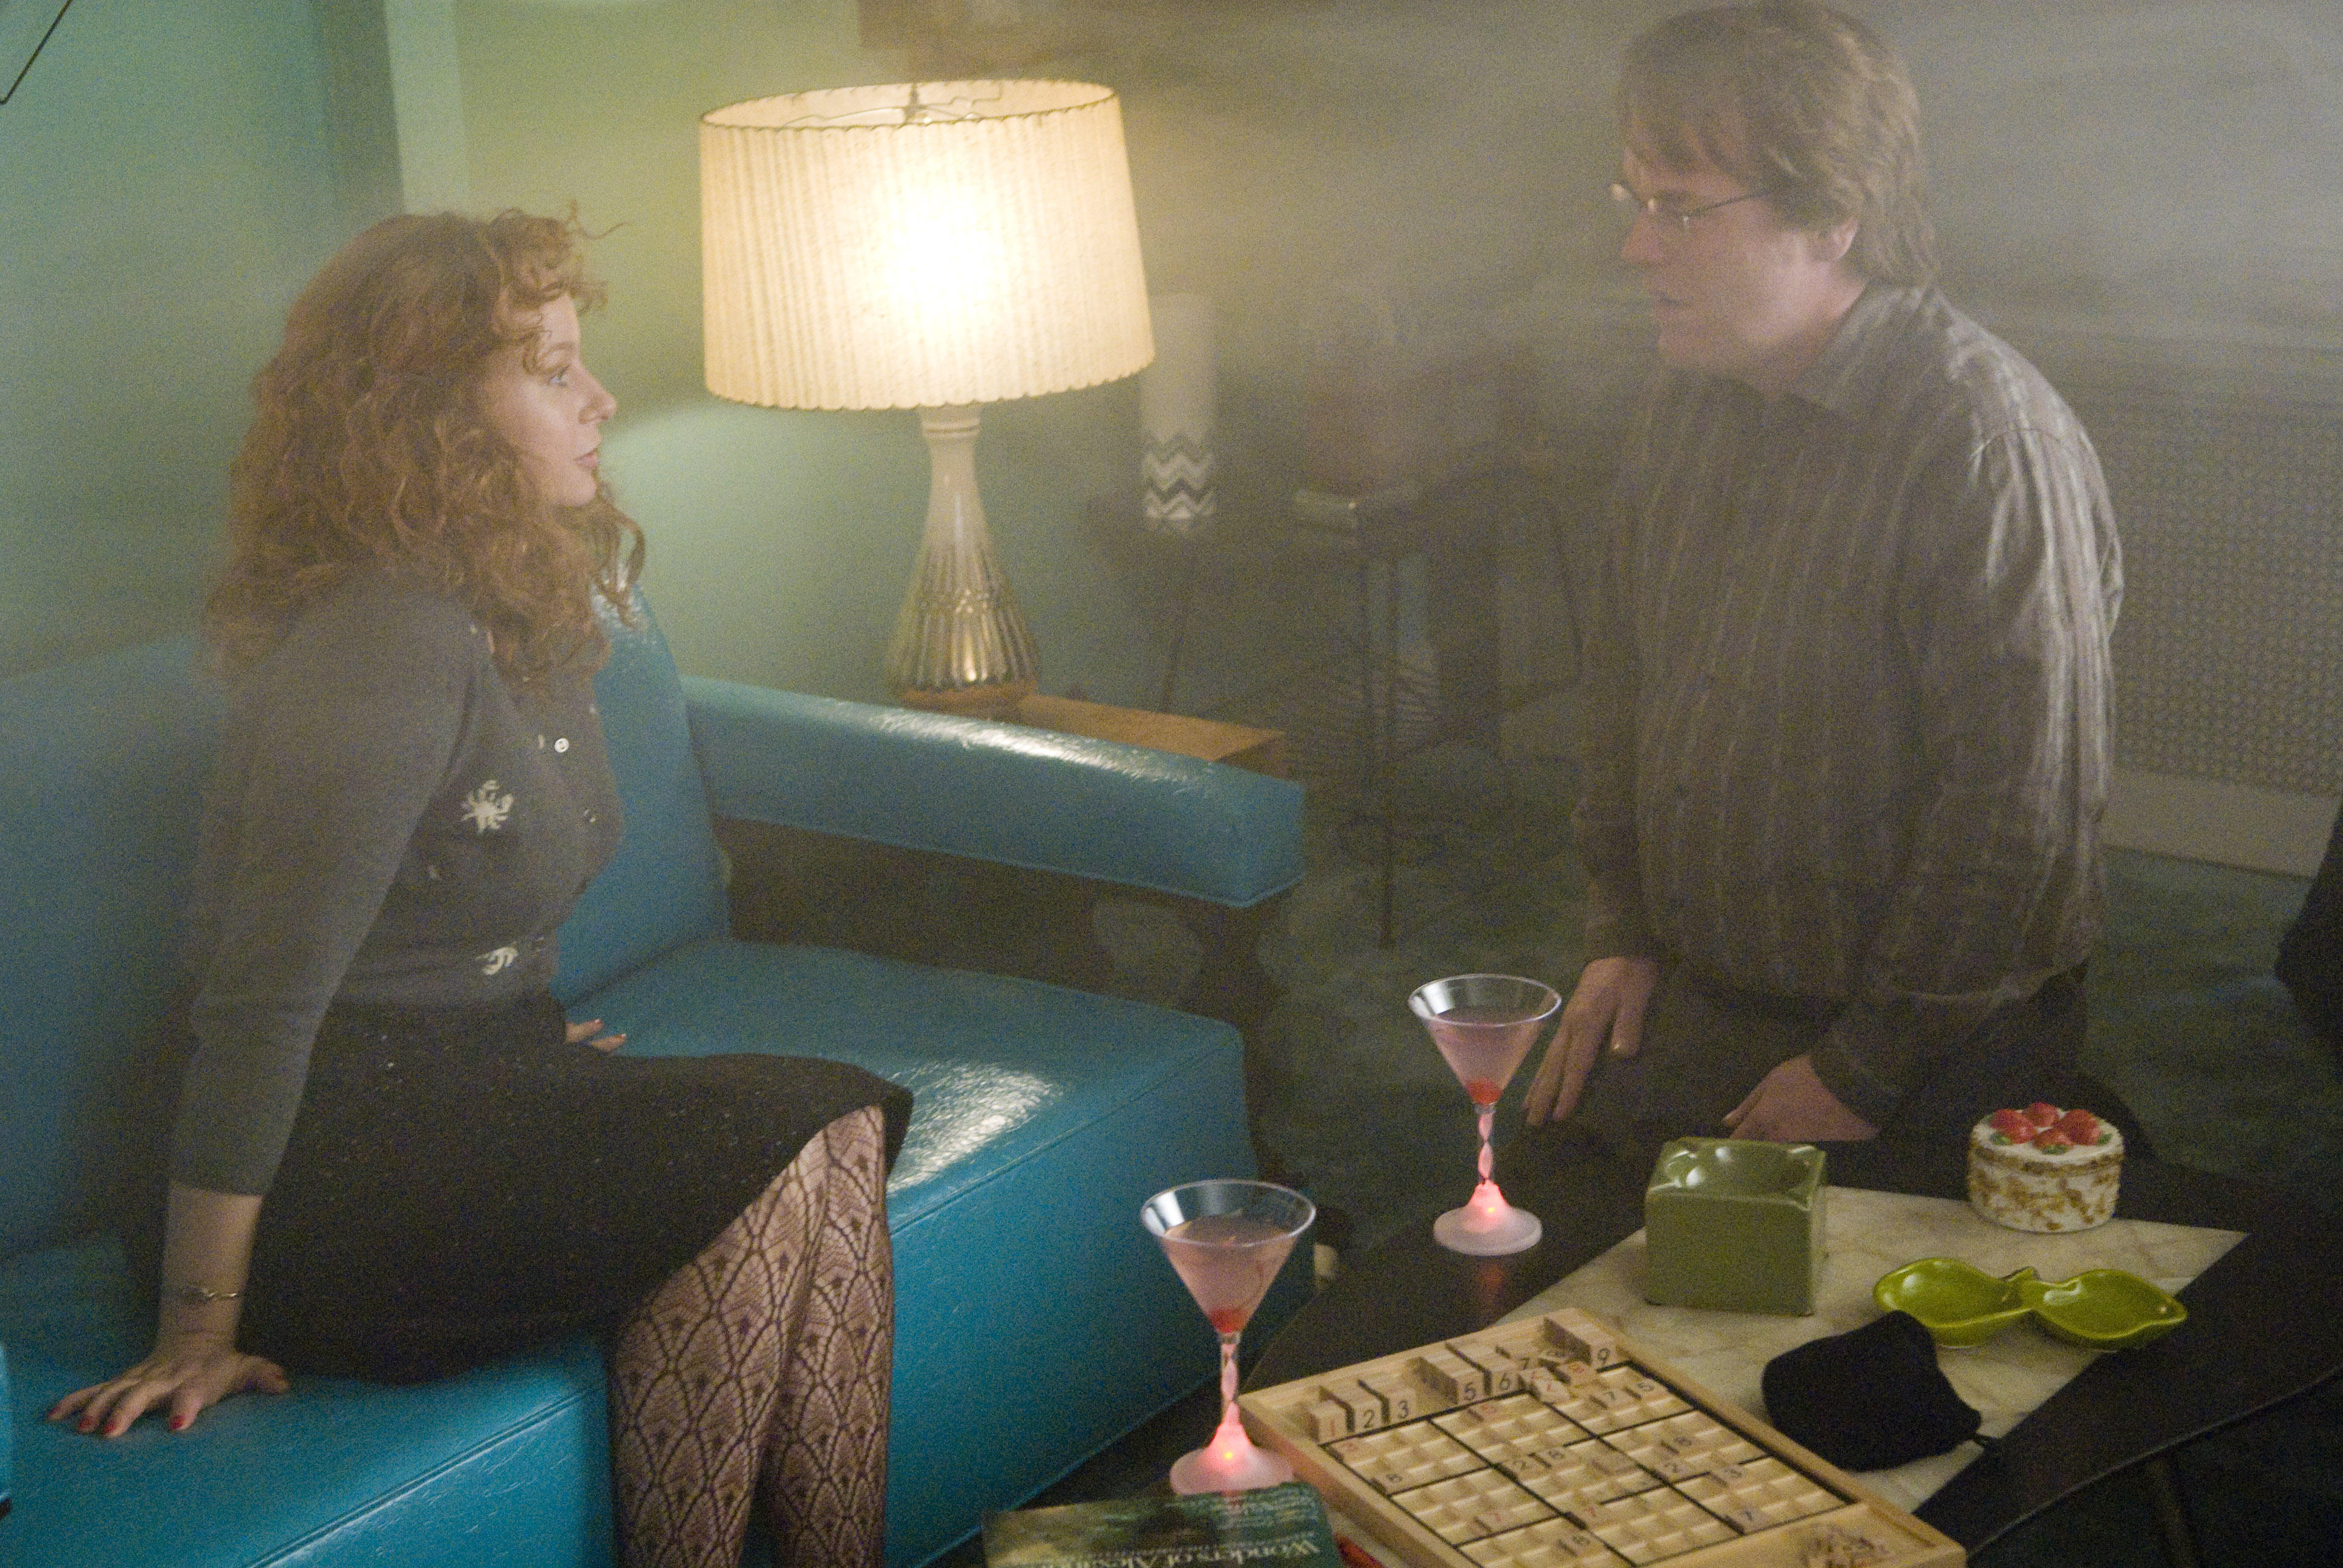 Caden e Hazel nella casa di quest'ultima, lentamente consumata dalle fiamme.